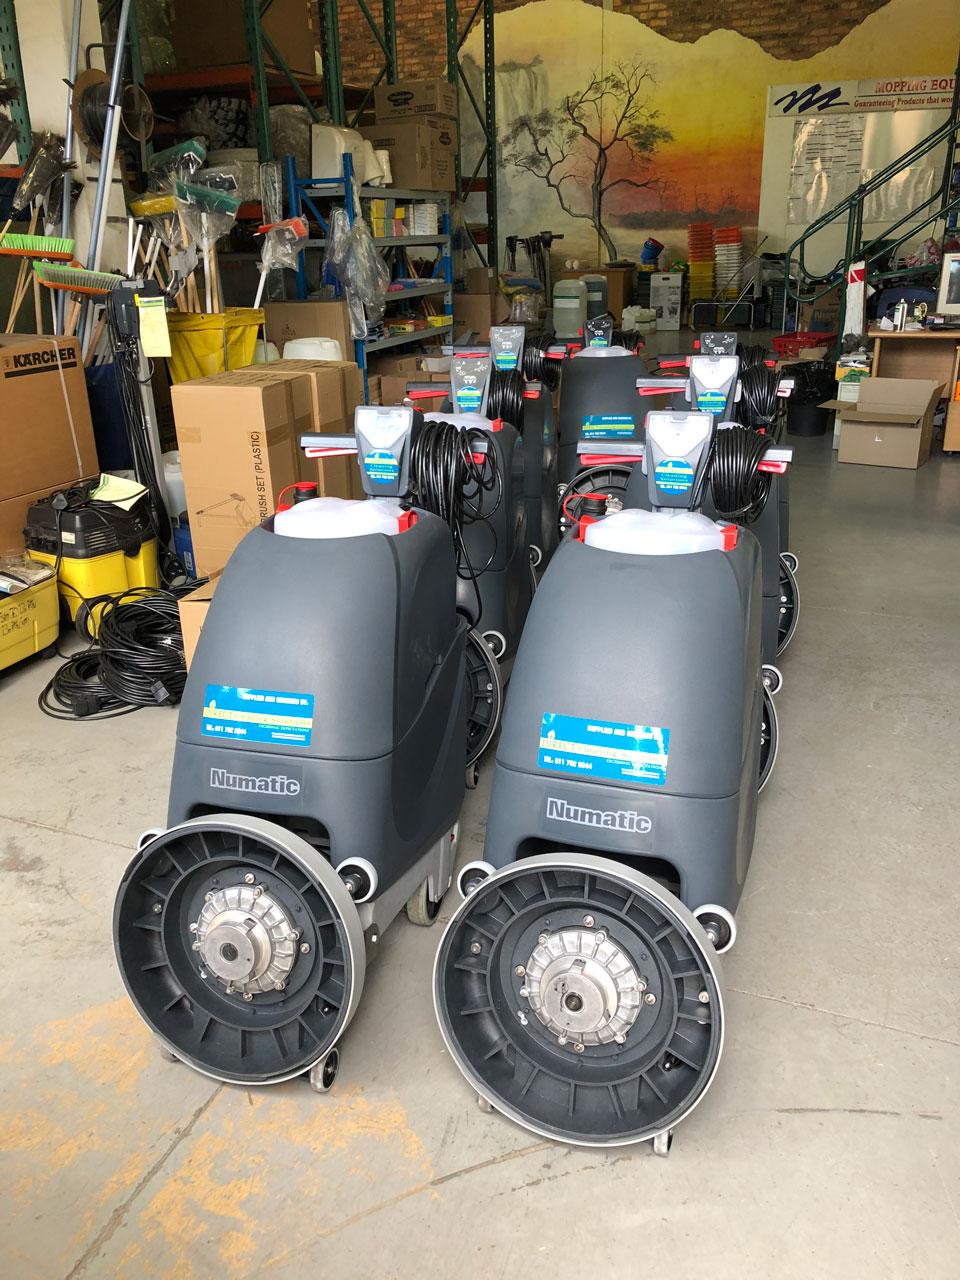 Numatic-TTB4045-Electric-Auto-Scrubbers-3-1